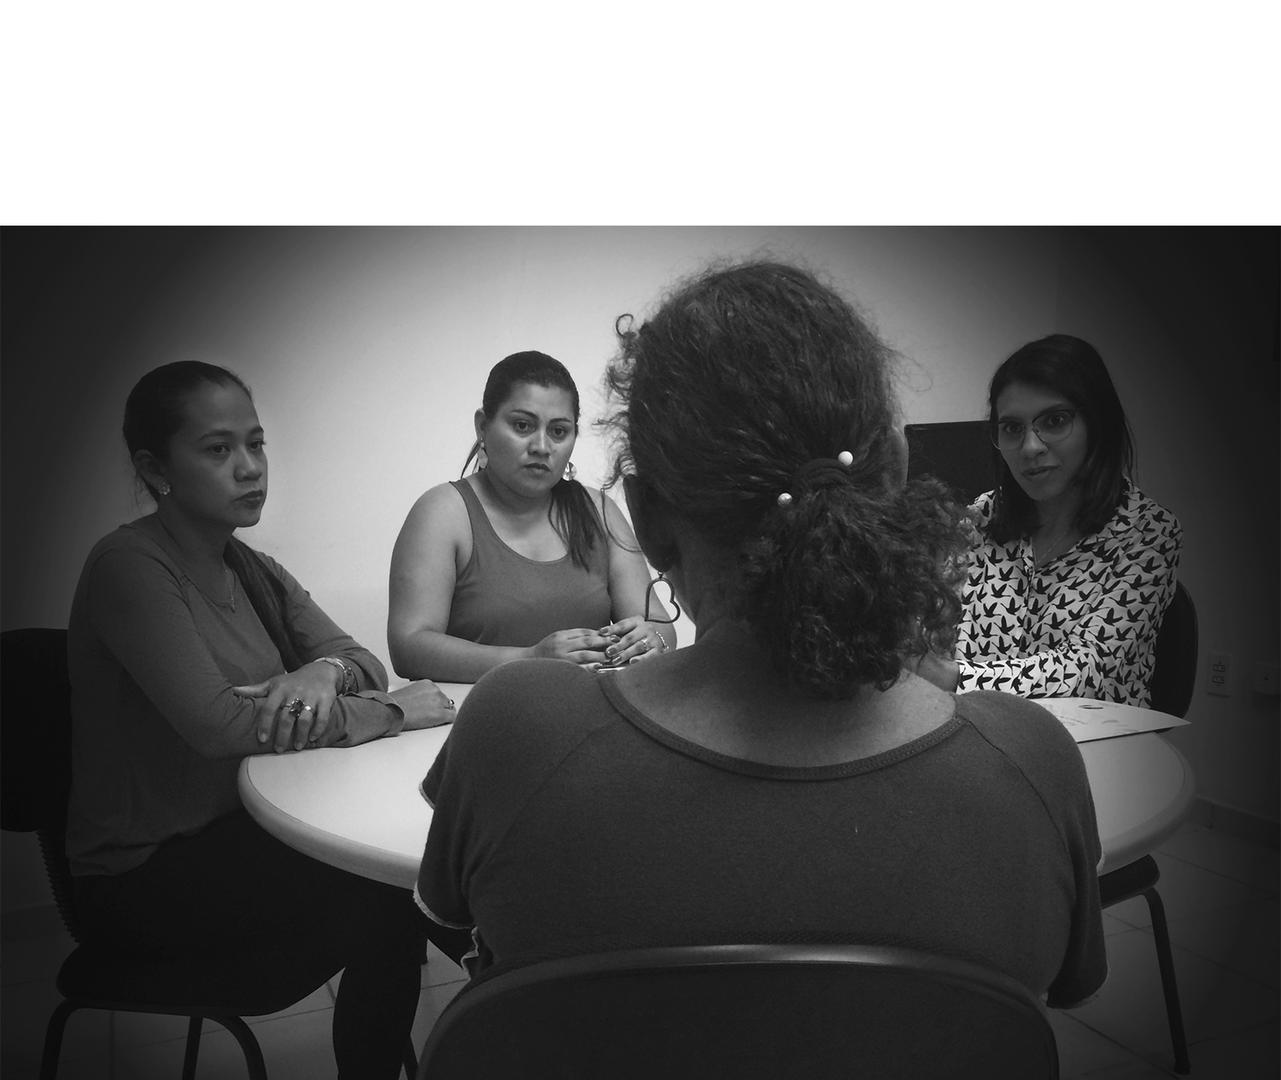 Membros do Centro Humanitário de Apoio à Mulher (CHAME) atendem uma mulher em Boa Vista, Roraima, em 17 de fevereiro 2017. O CHAME fornece apoio jurídico, psicológico e social a vítimas de violência doméstica.